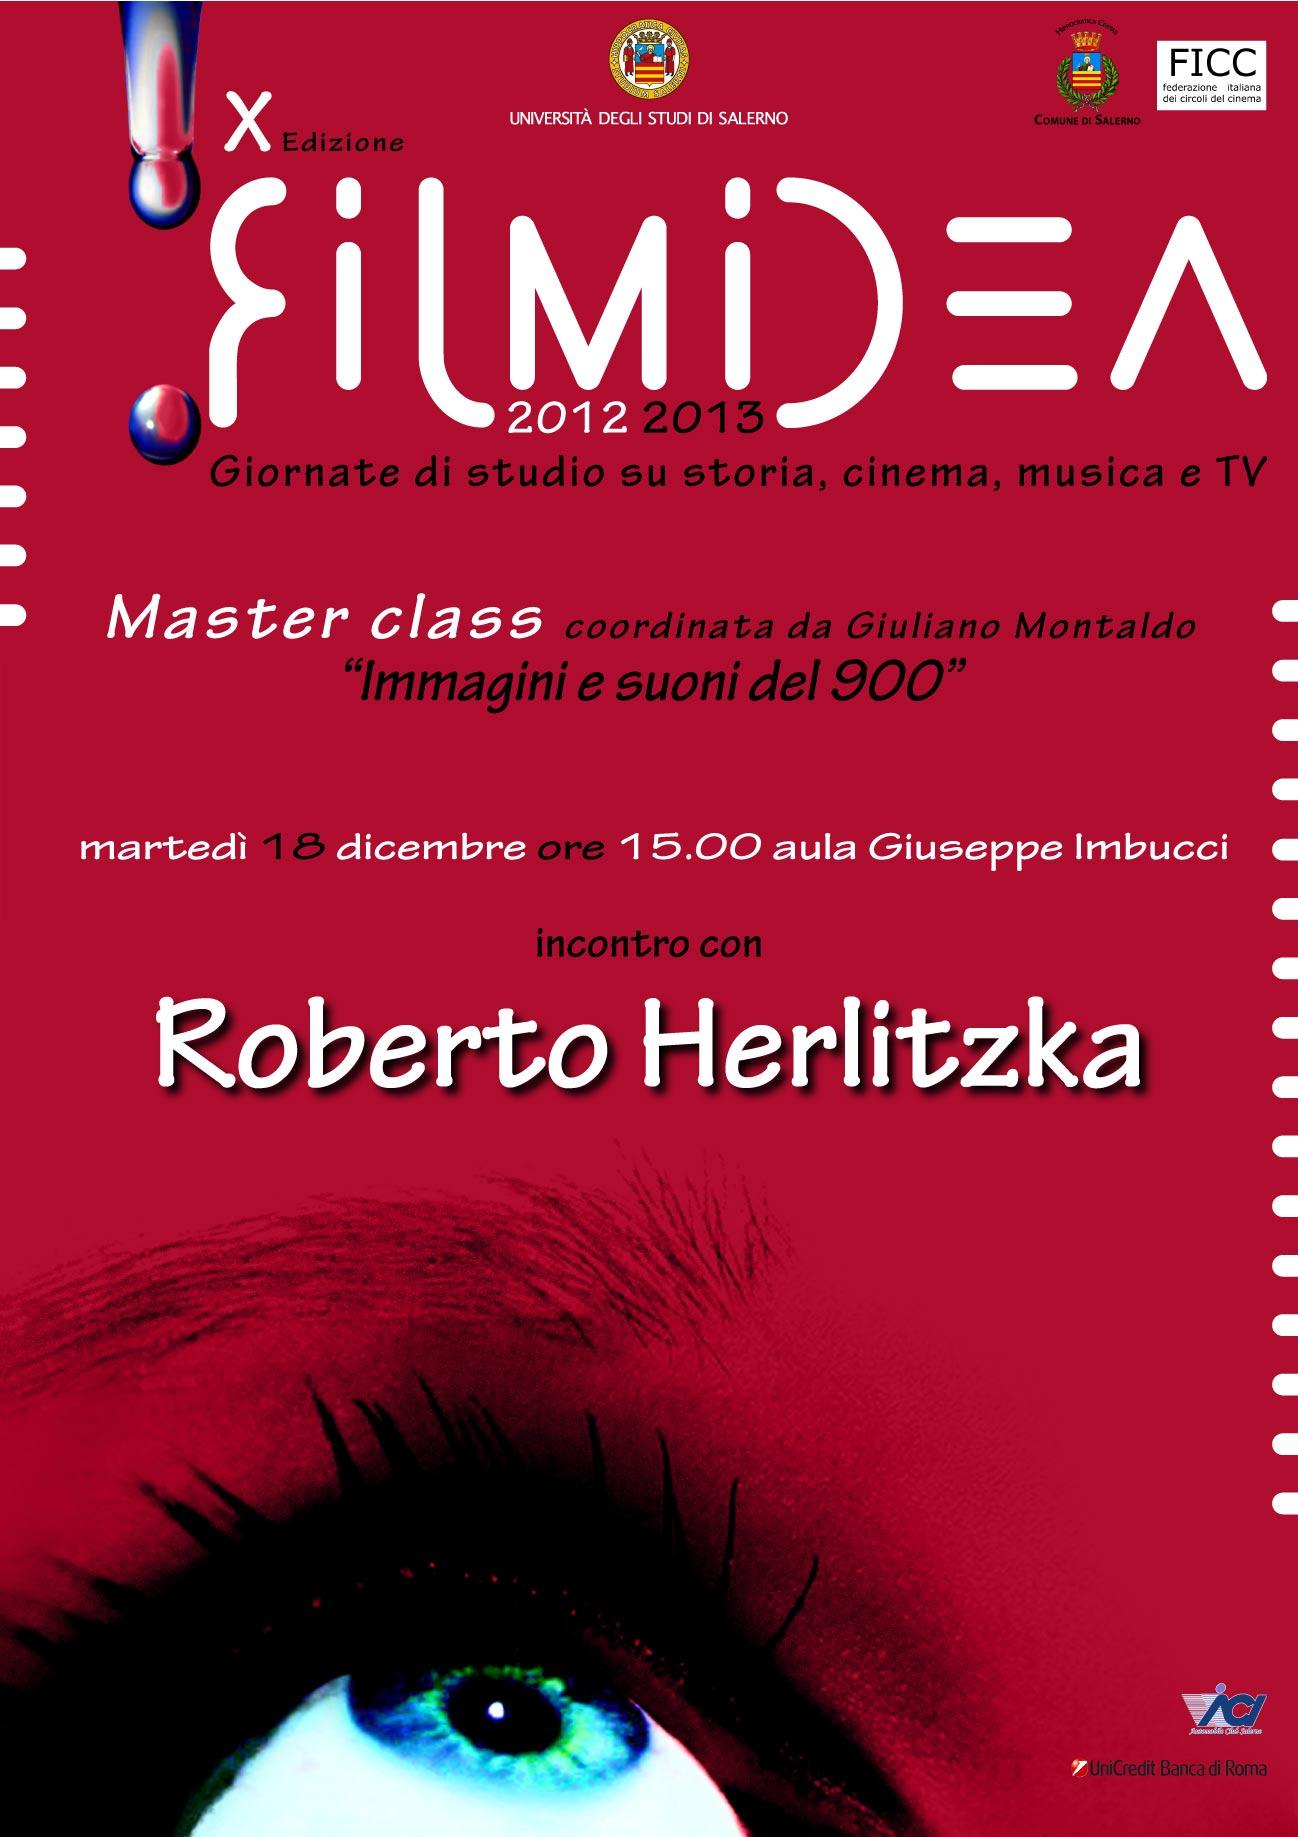 Masterclass Filmidea. Giornate di studio su storia, cinema, musica e tv